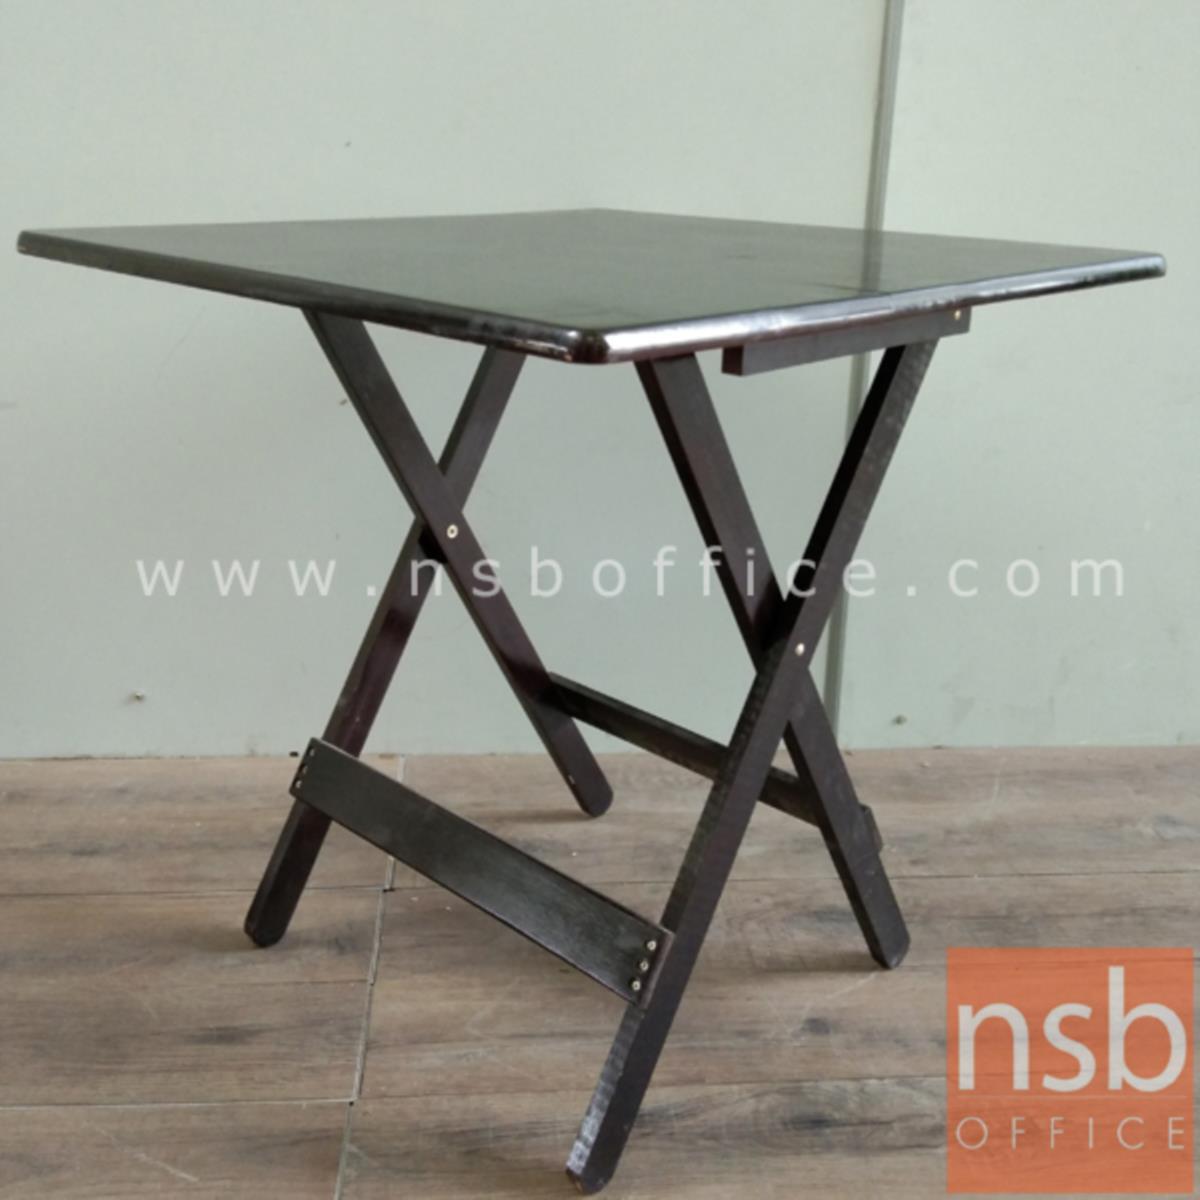 โต๊ะพับไม้ยางพารา รุ่น Zinnia (ซินเนียร์) ขนาด 60W ,75W cm. ขาไม้